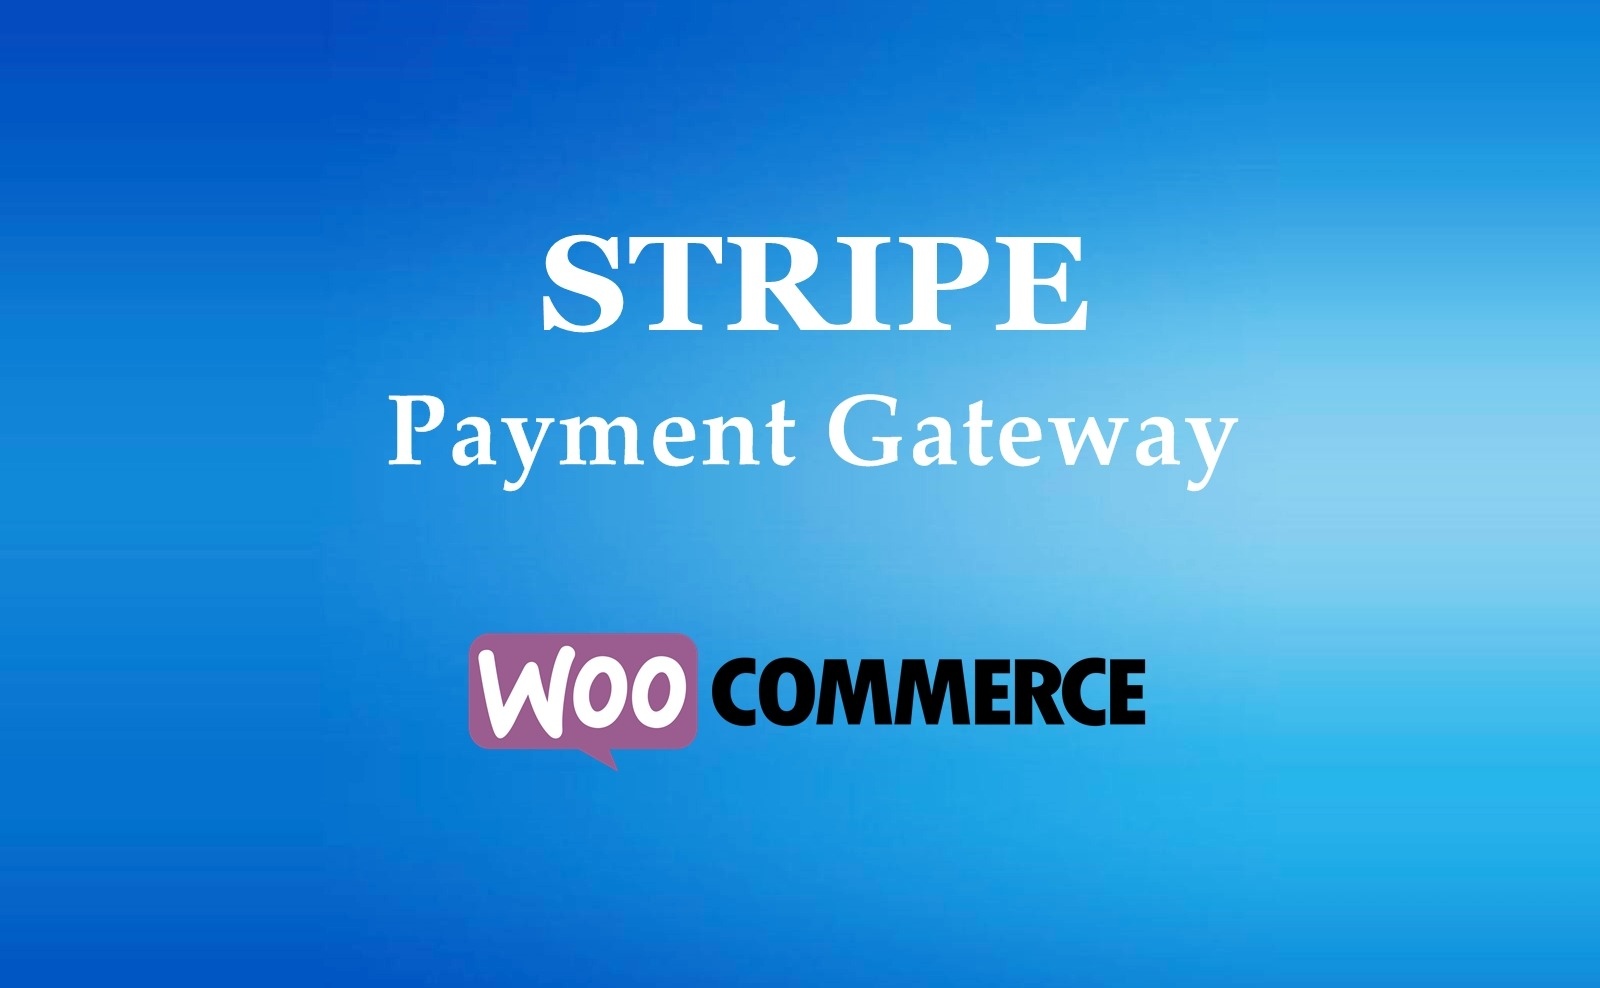 stripe-payment-gateway